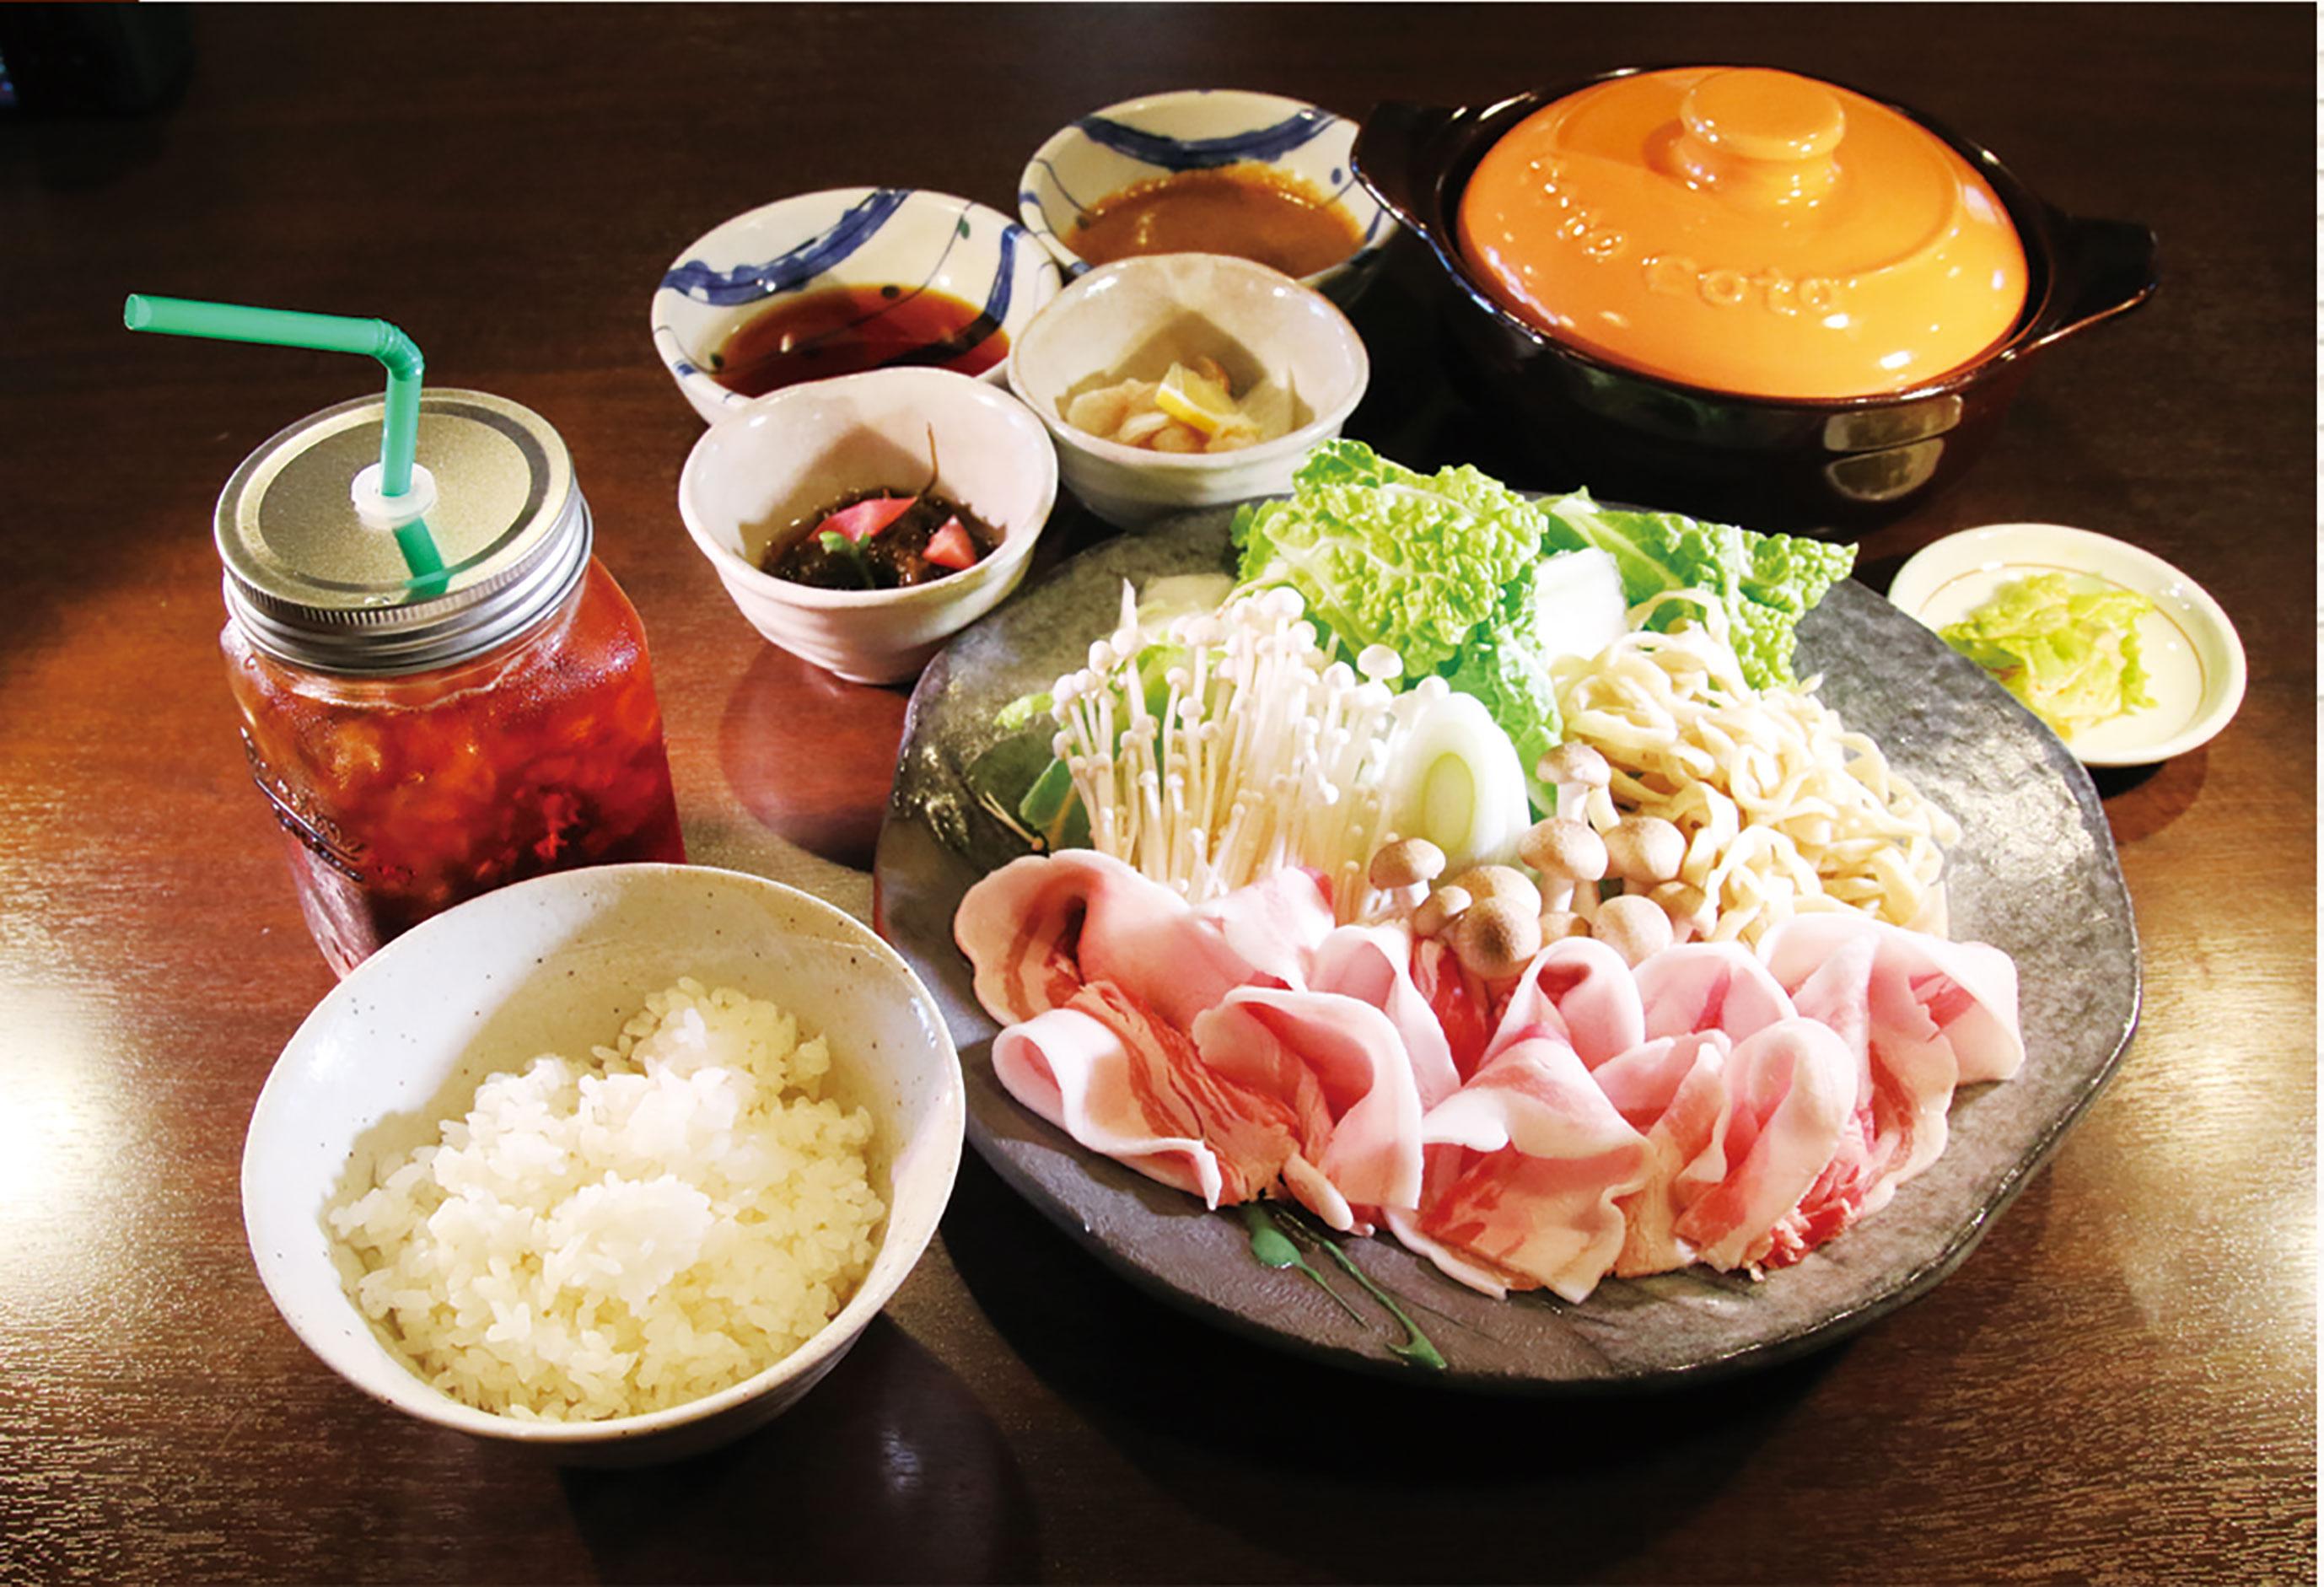 アグー豚料理もあります。「アグーのしゃぶしゃぶ(1300円)」。コース料理にも付いて好評です